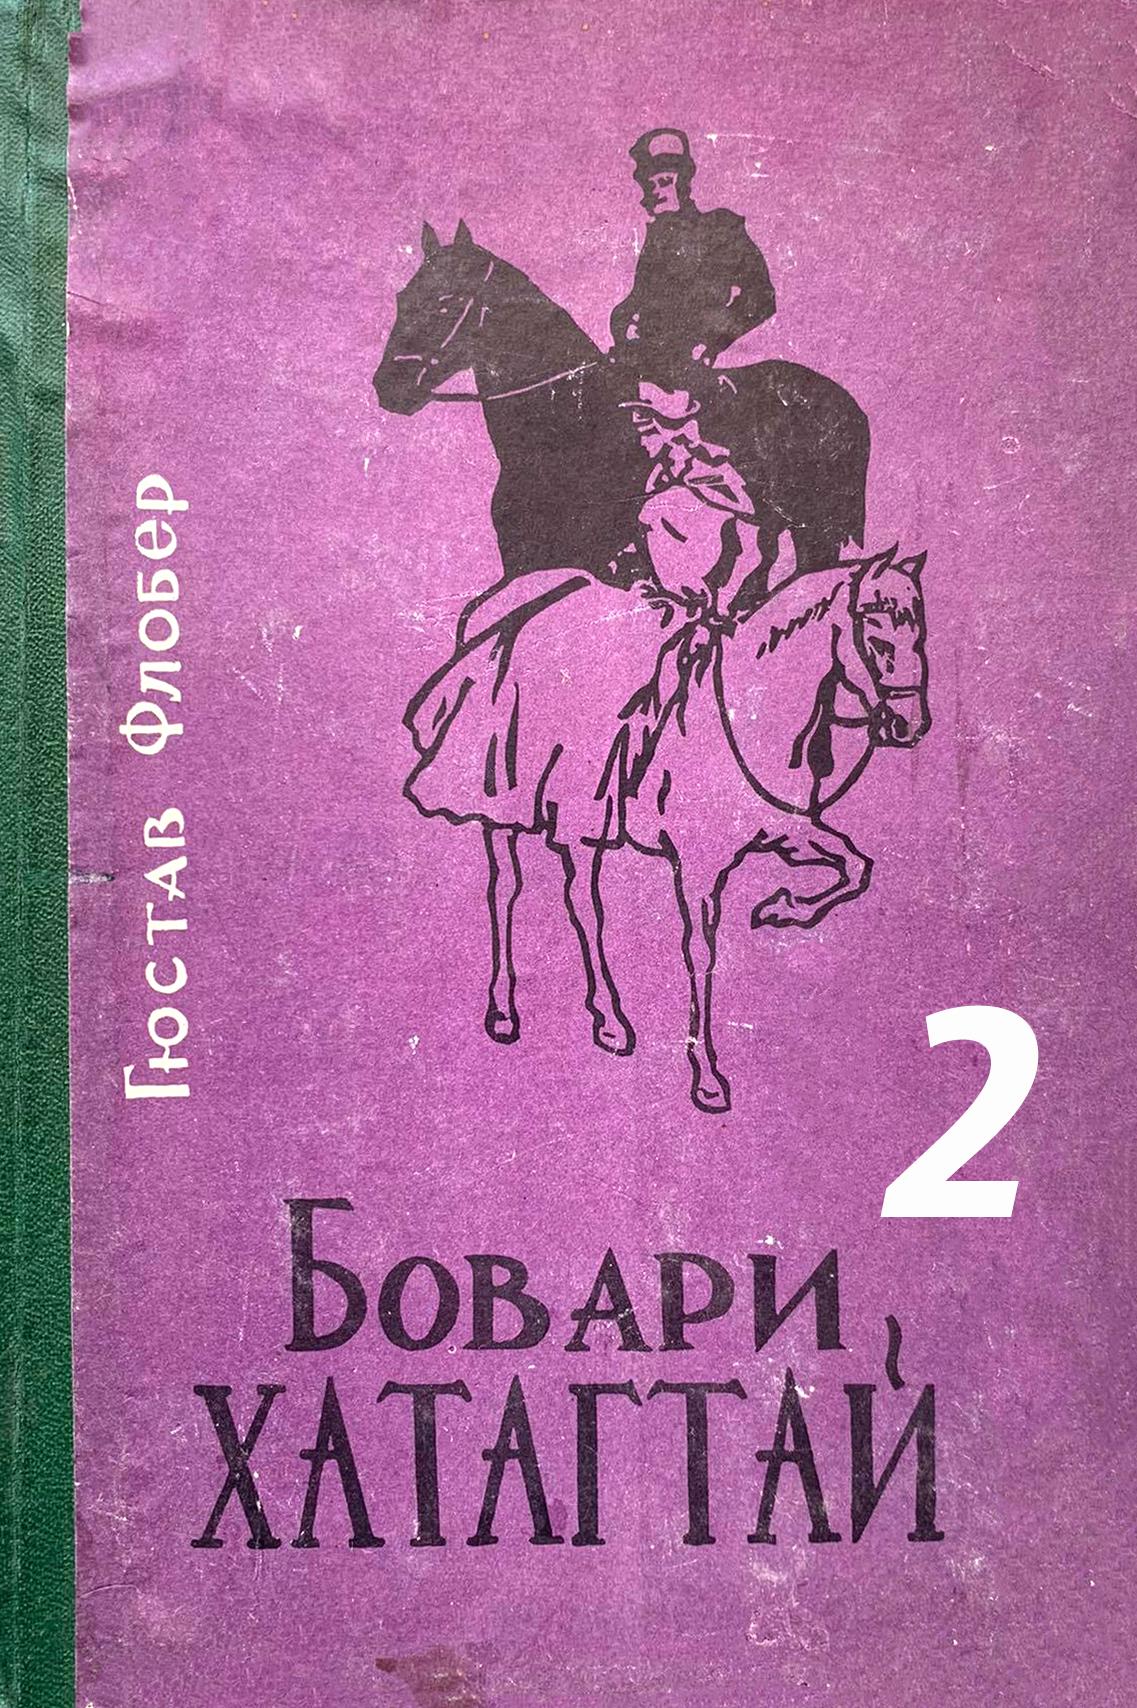 БОВАРИ ХАТАГТАЙ - 2